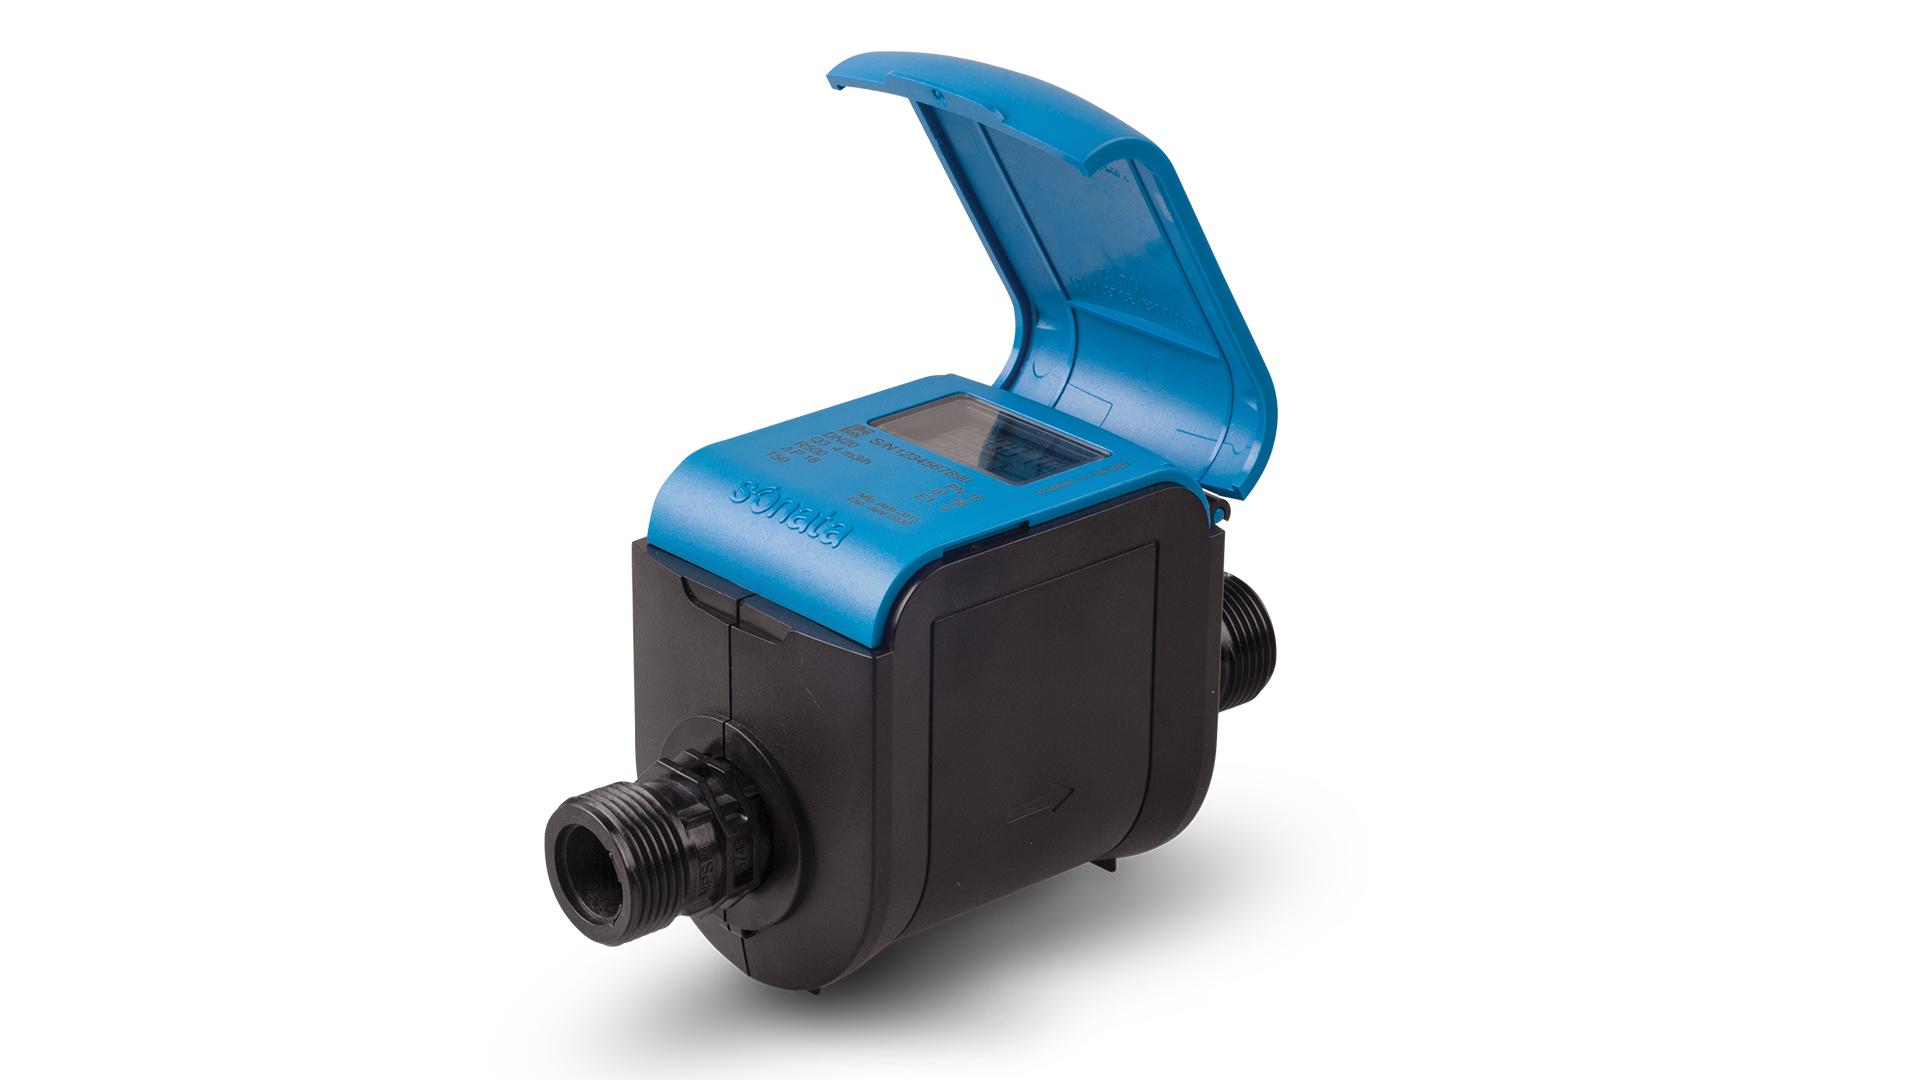 Gallery image 0 - Sonata - Residential ultrasonic water meter